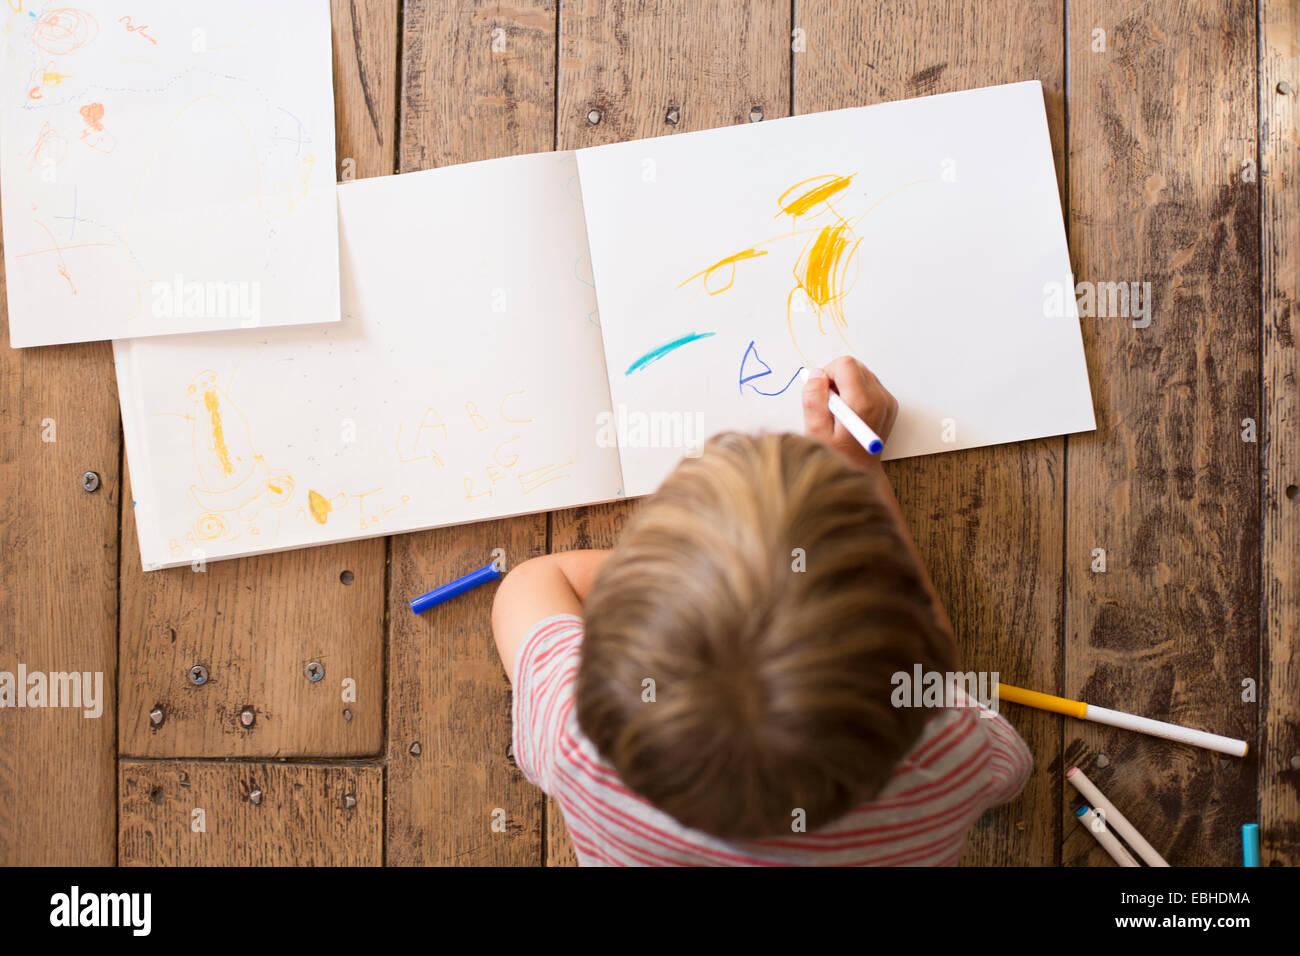 Ragazzo giovane disegno su carta, angolo alto Immagini Stock